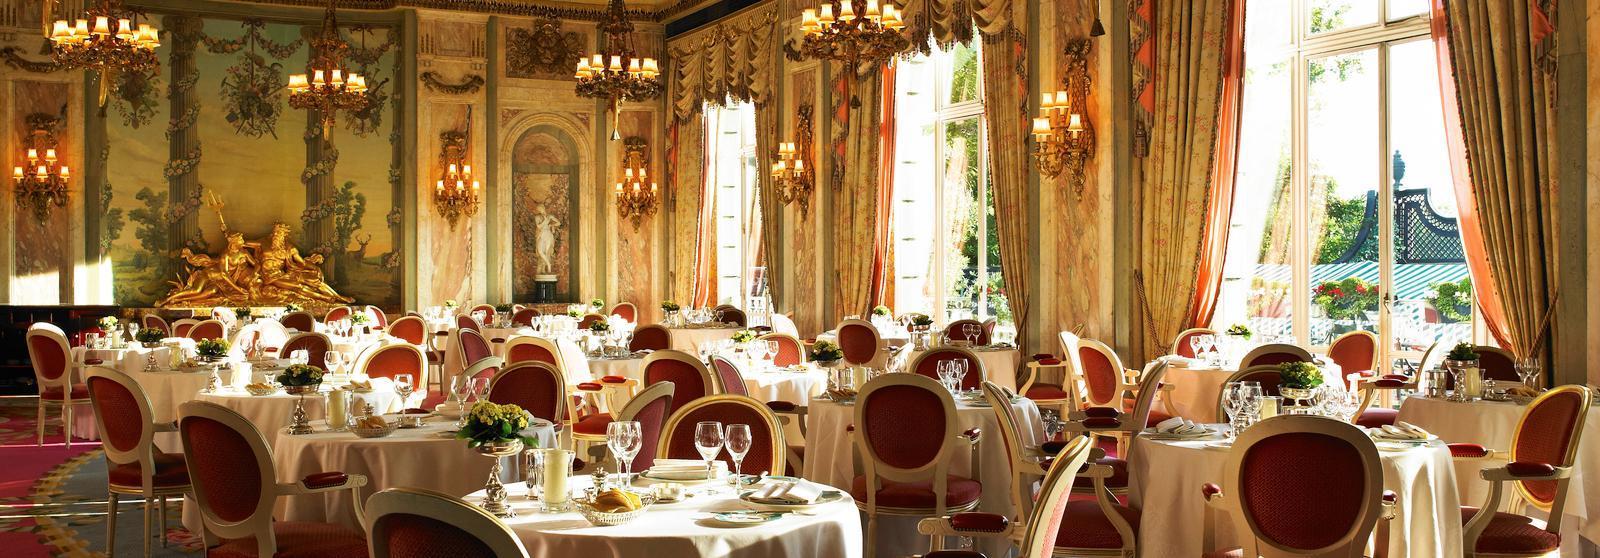 伦敦丽兹酒店(The Ritz London) 丽兹餐厅图片  www.lhw.cn